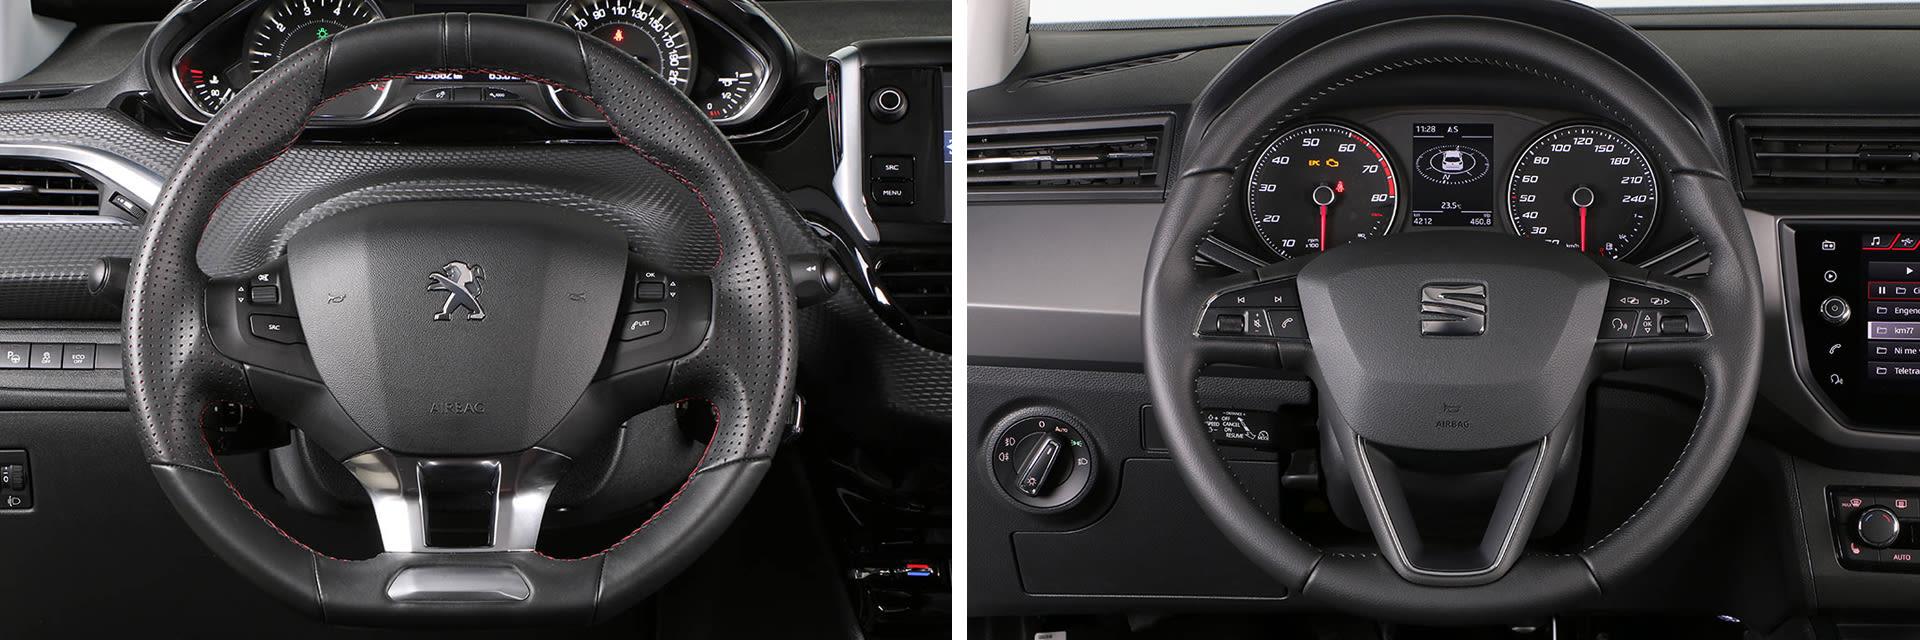 Las fotos del exterior del Peugeot 208 corresponden al acabado Blanco Perla Nacarado y las del interior a la versión GT-Line. Las fotos del exterior del SEAT Ibiza corresponden a la versión Excellence y las del interior al acabado Style. Fotos cedidas por km77.